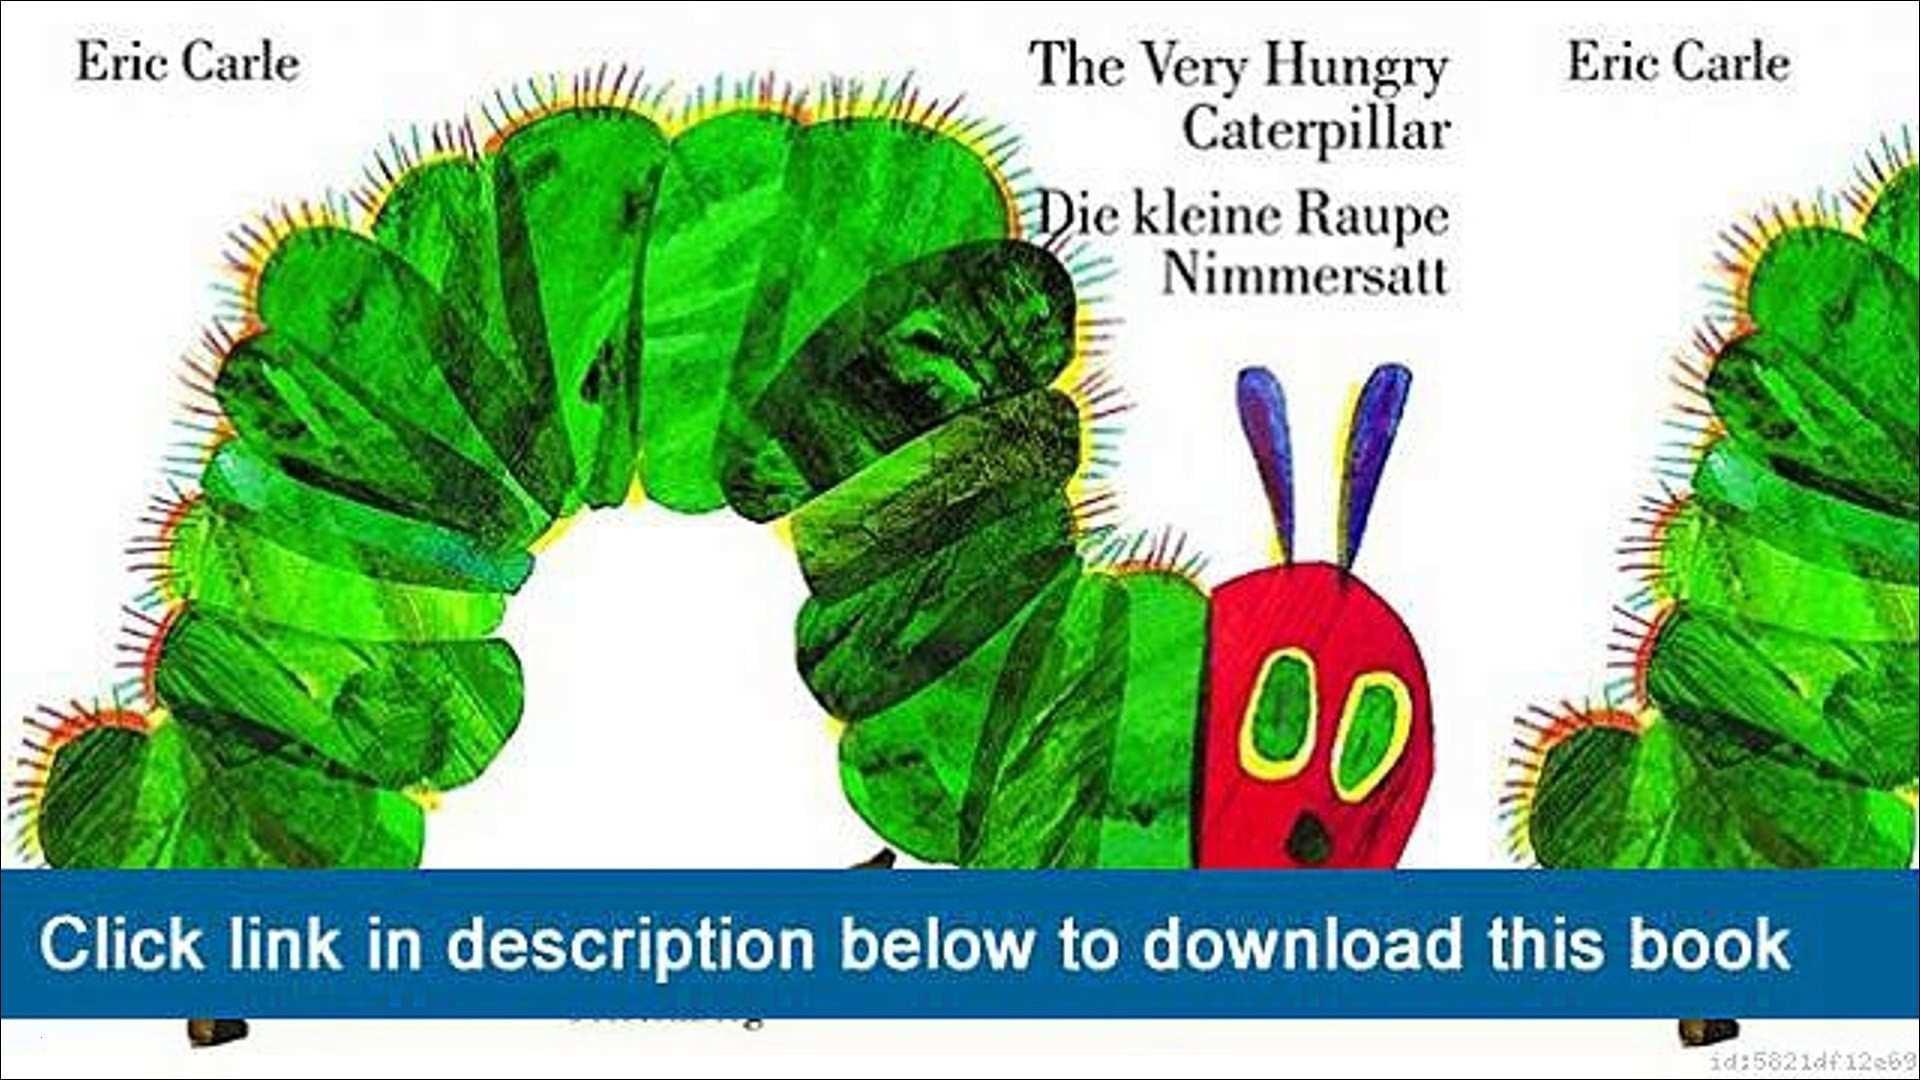 Raupe Nimmersatt Ausmalbild Neu Die Kleine Raupe Nimmersatt Ausmalbild Bild Ausmalbilder Igel Fotos